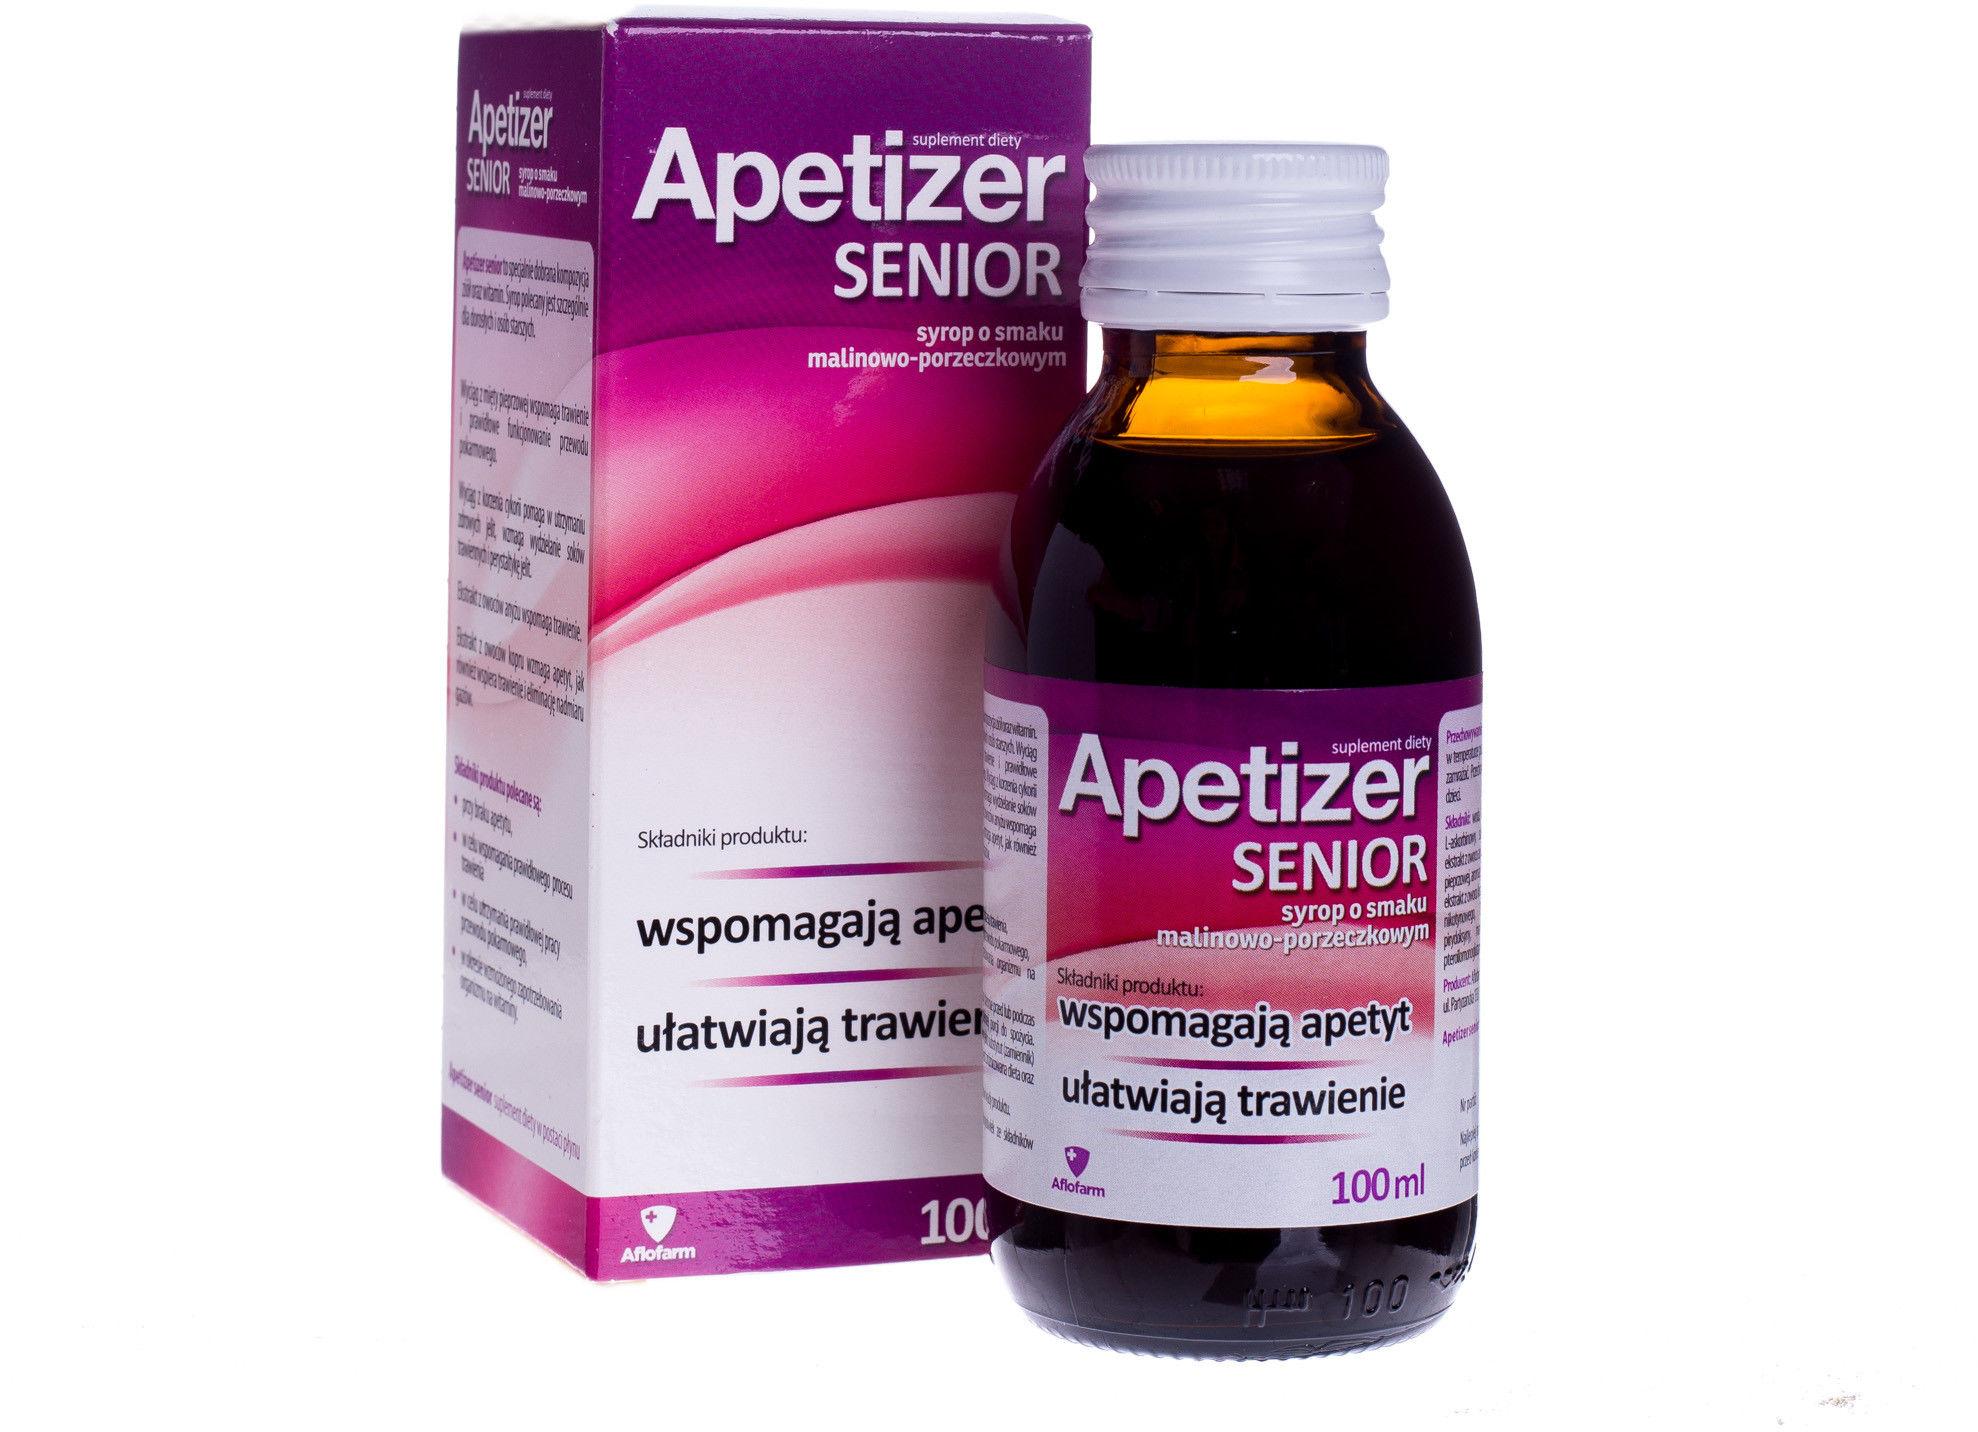 Apetizer Senior Suplement diety syrop o smaku malinowo-porzeczkowym 100 ml